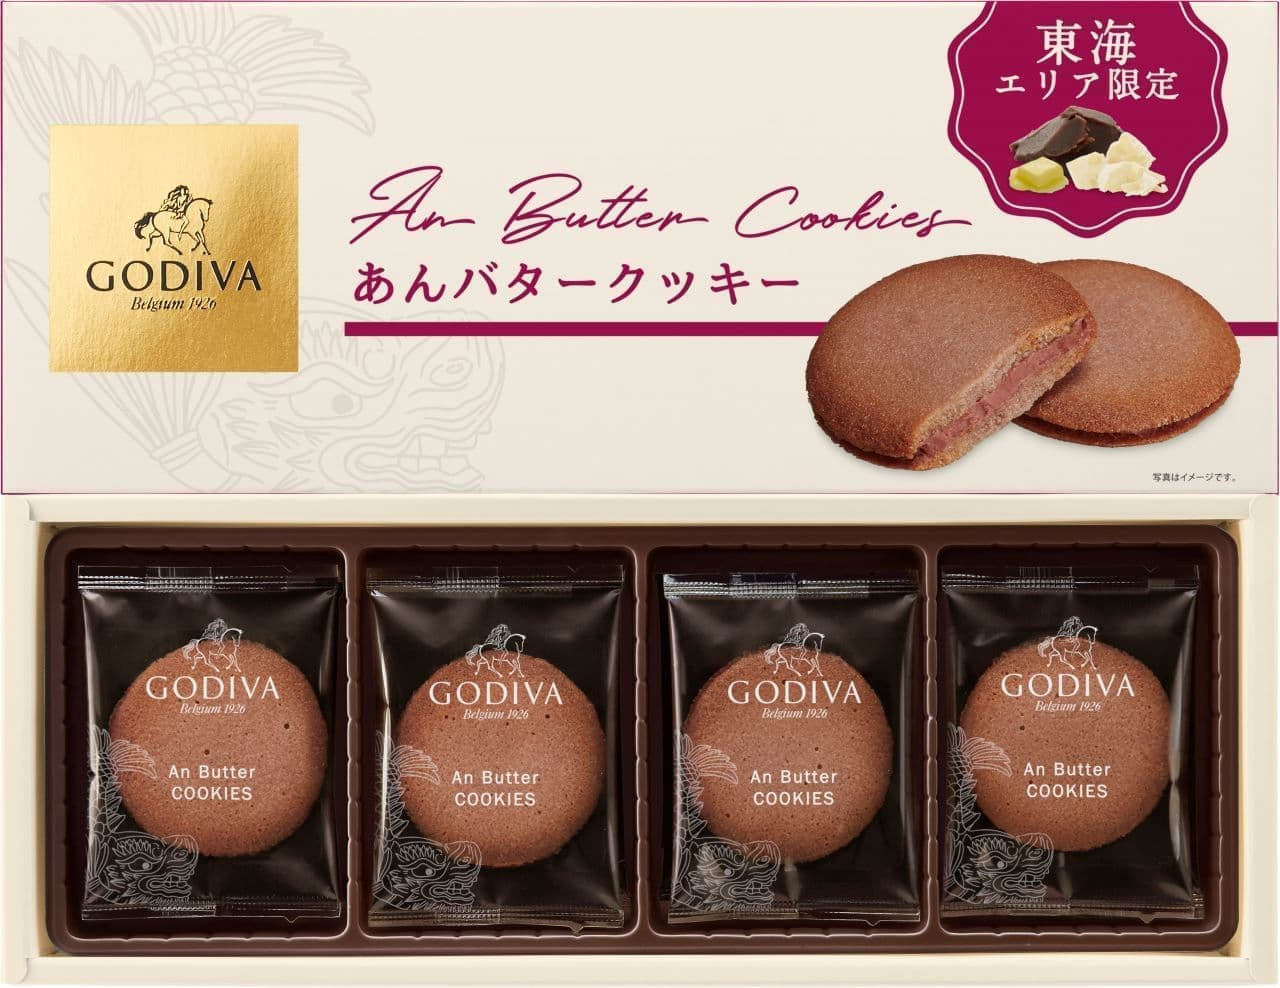 東海エリア限定「GODIVA あんバタークッキー」